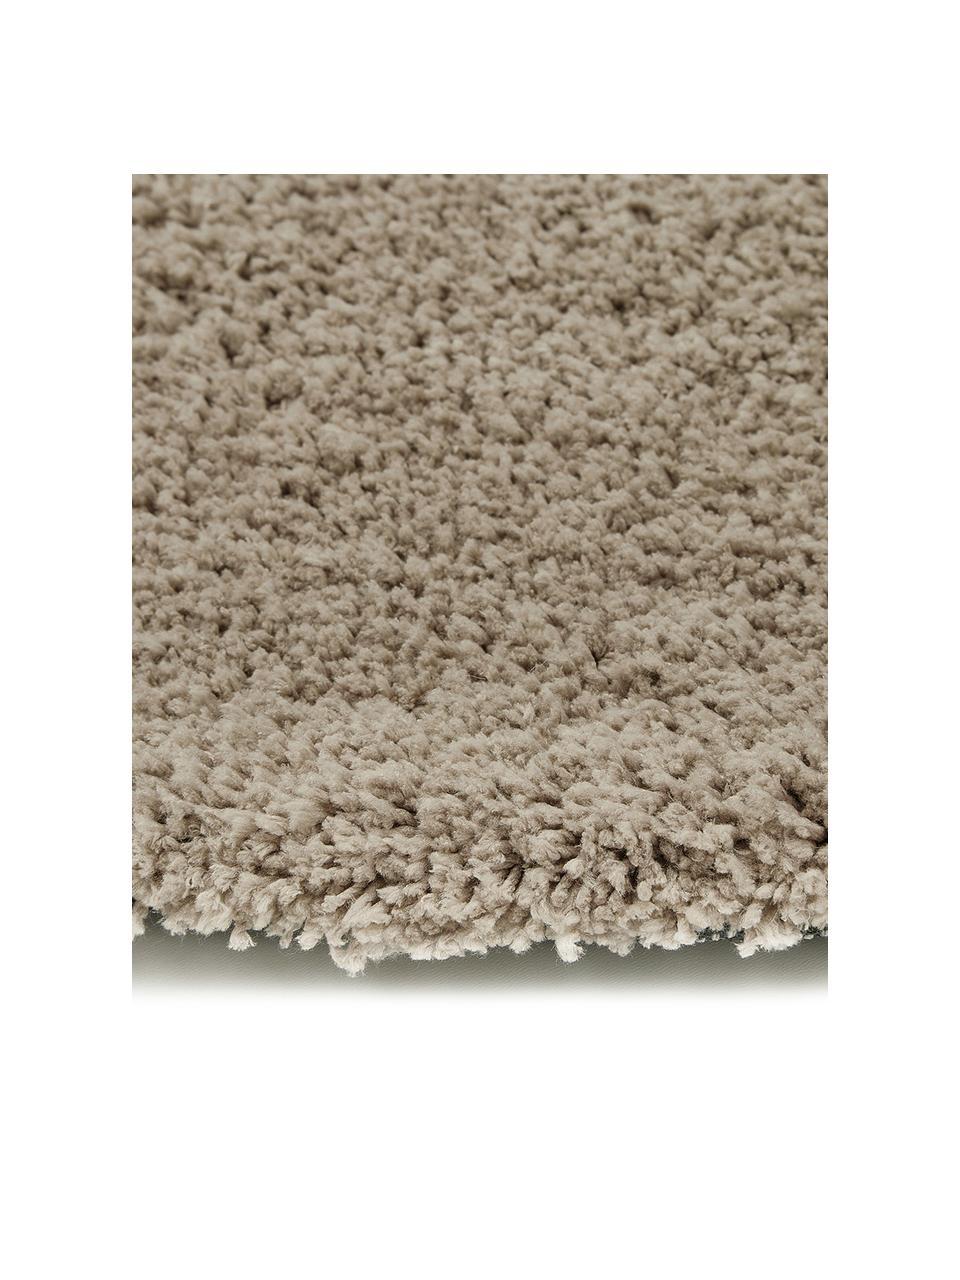 Tappeto peloso rotondo beige Leighton, Retro: 70% poliestere, 30% coton, Beige-marrone, Ø 200 cm (taglia L)